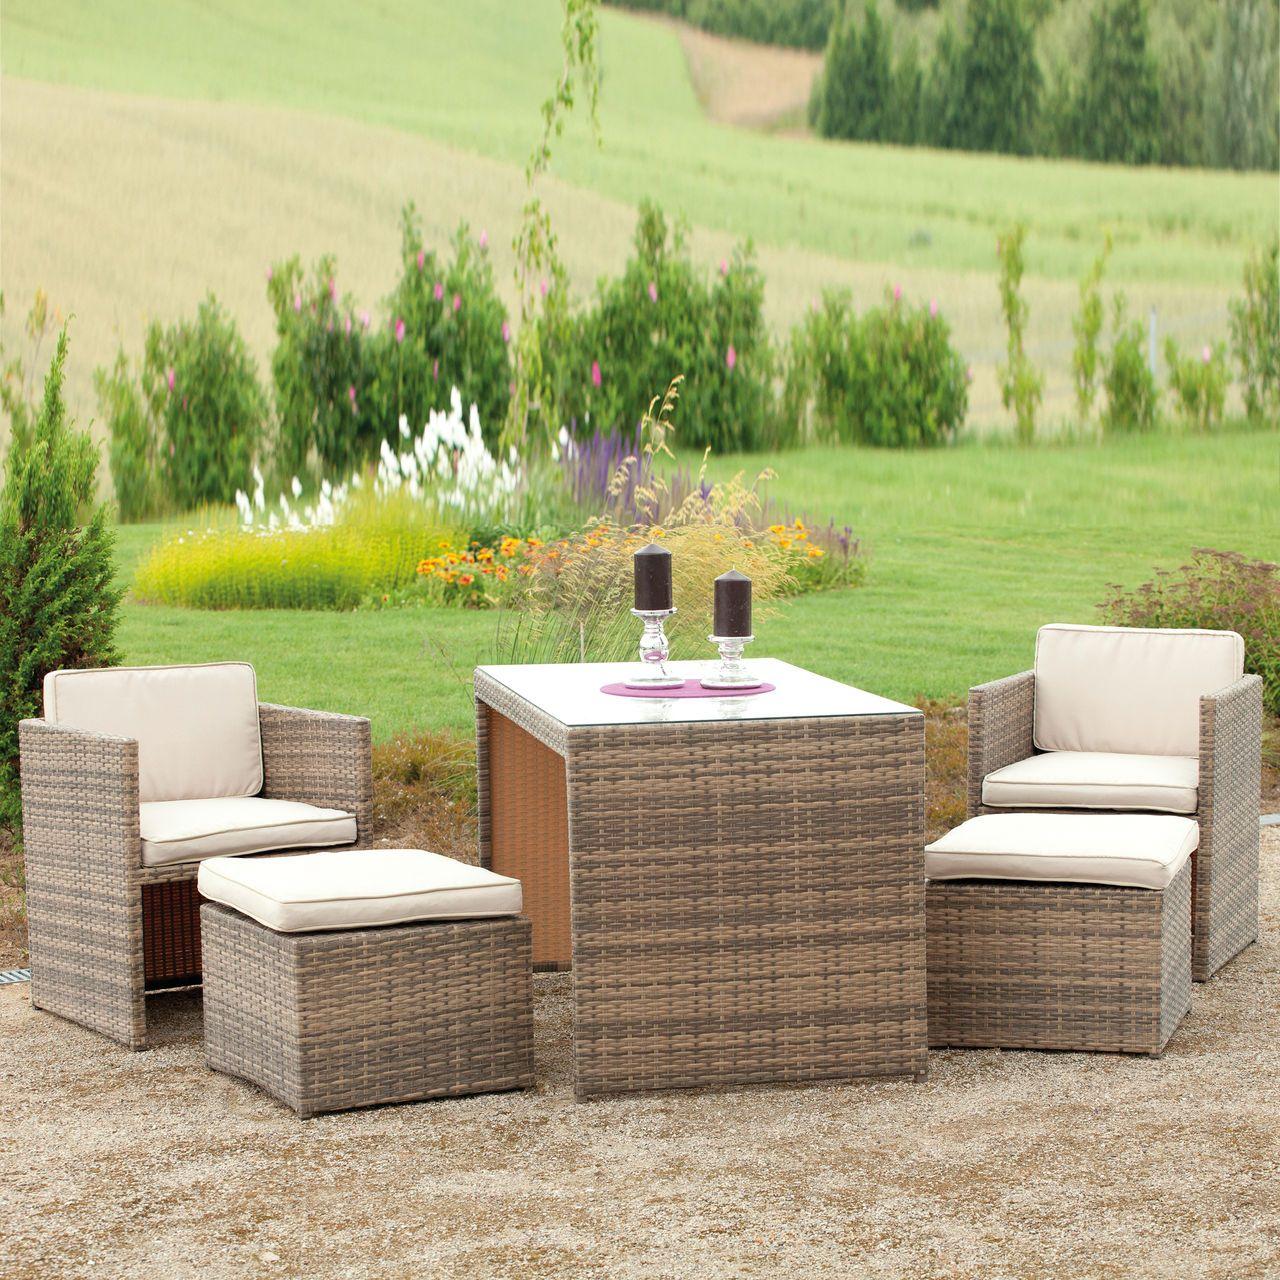 Kompaktes Lounge Set Für Terrasse Und Garten. Wasserfest.